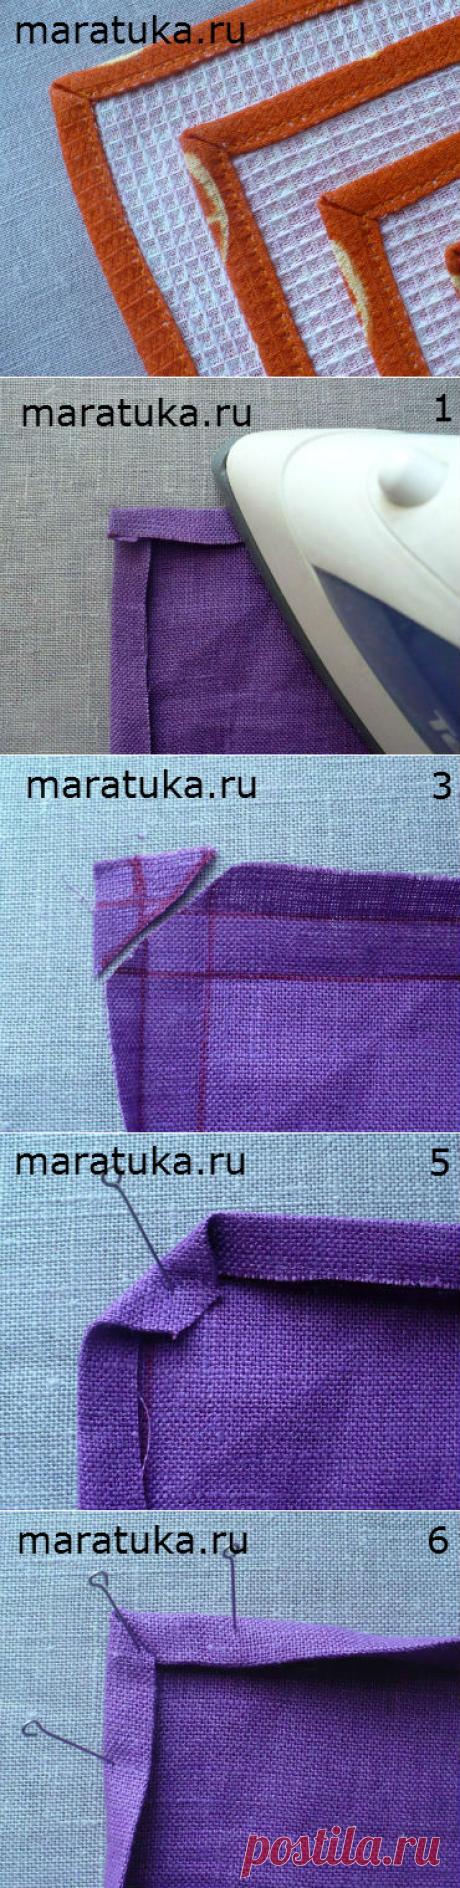 Красивая обработка прямого угла срезов ткани — Сделай сам, идеи для творчества - DIY Ideas